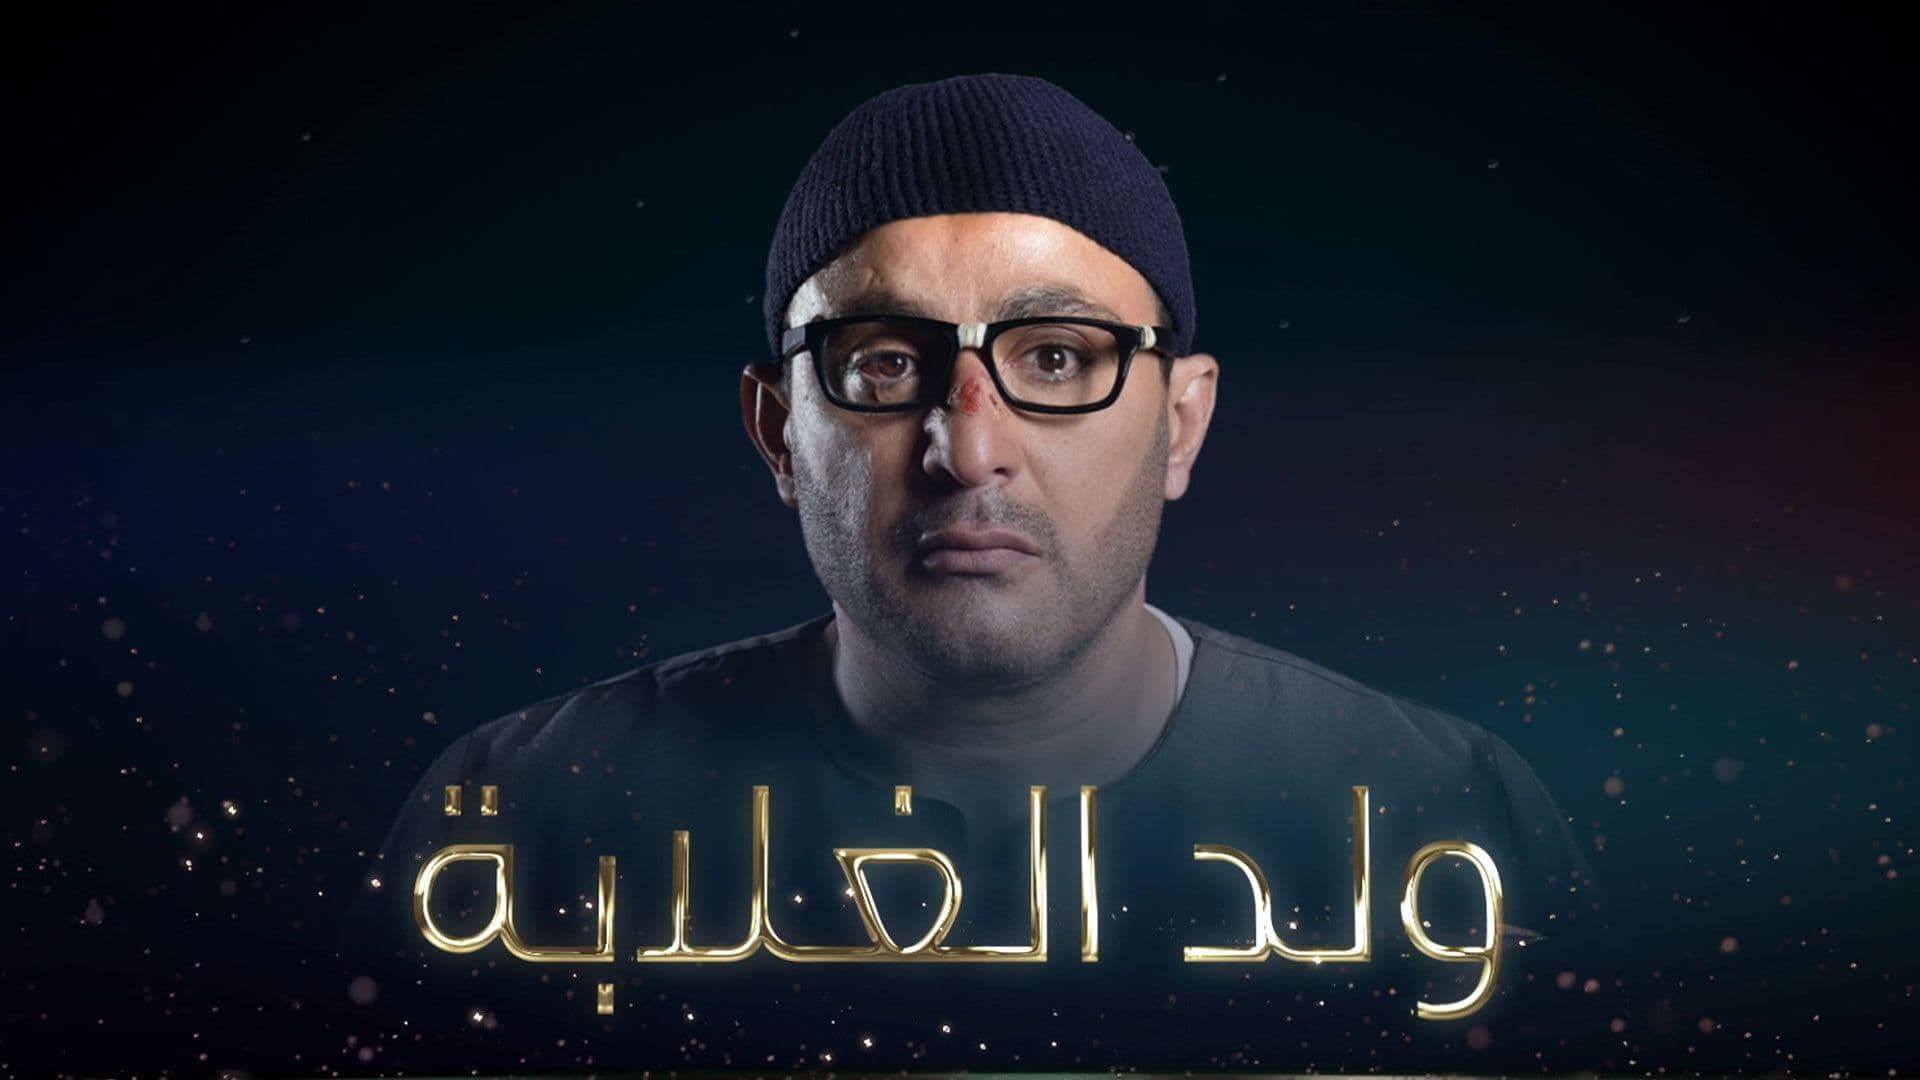 يعتبر أحمد السقا من النجوم الذين لا يمكن تجاهلهم في شهر رمضان